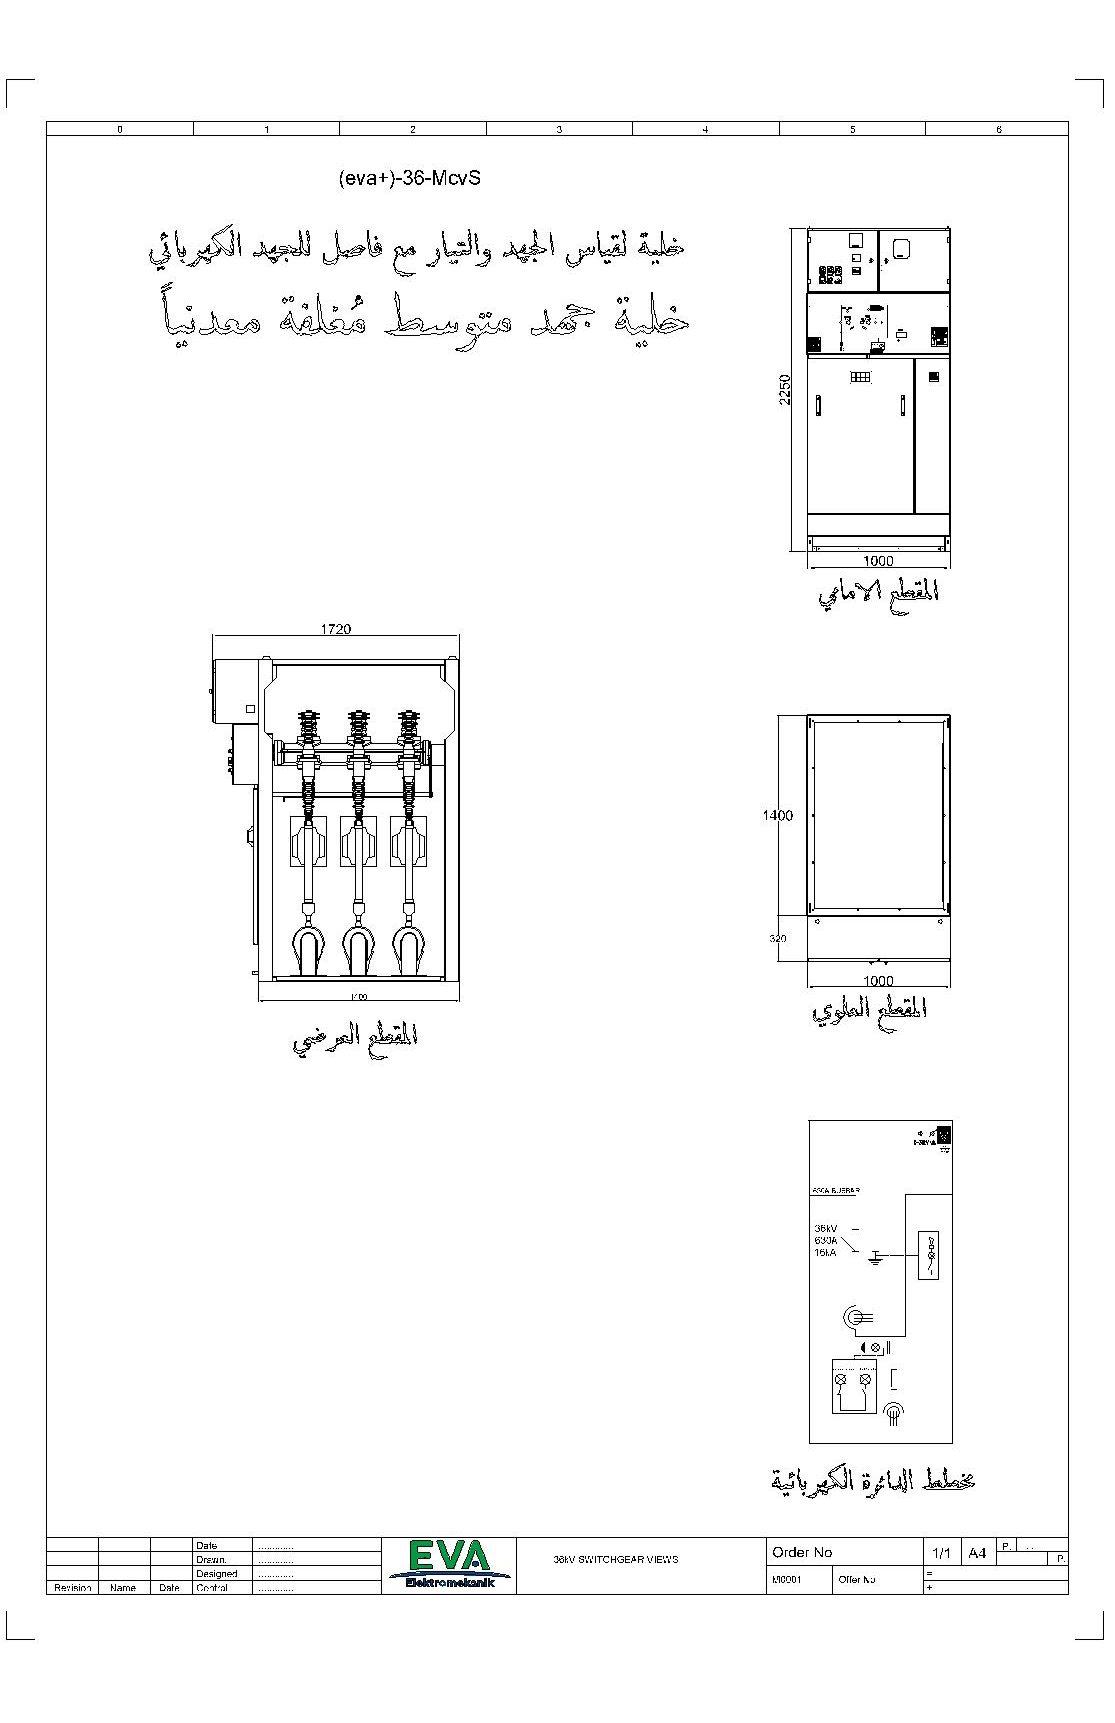 خلية لقياس الجهد والتيار مع فاصل للجهد الكهربائي